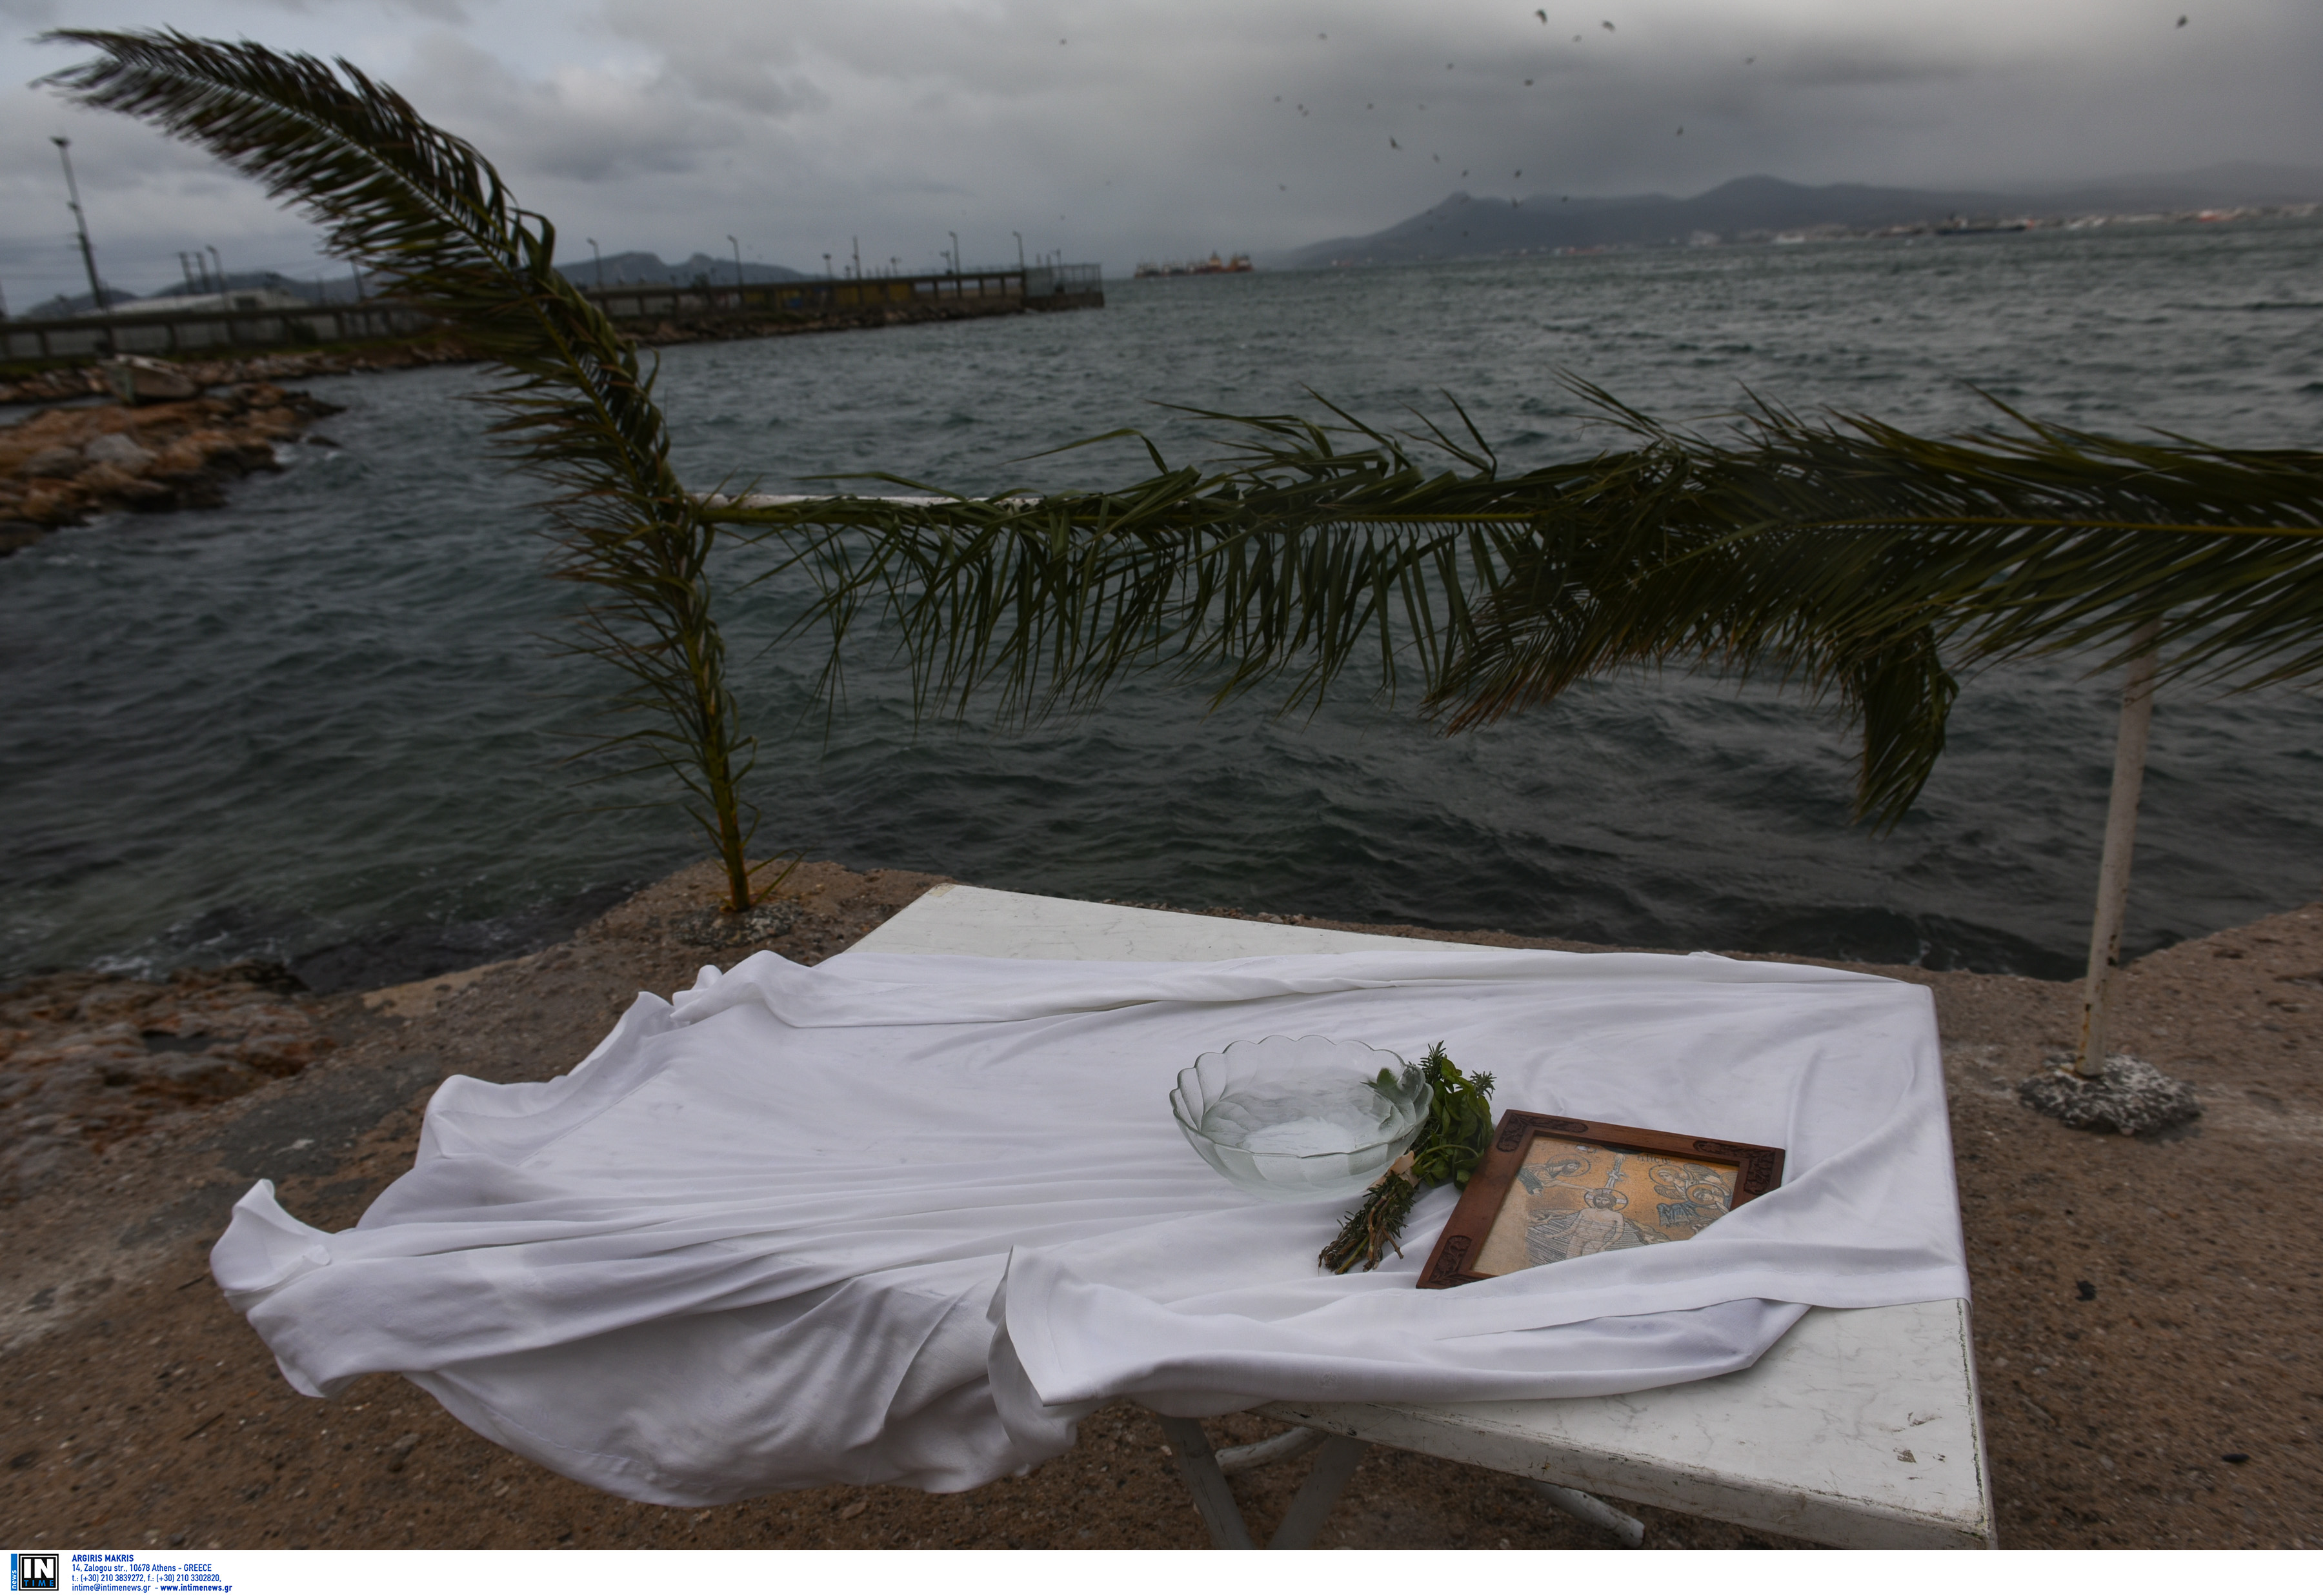 Λάρισα: Το απίθανο των φετινών Θεοφανείων – Ο σταυρός που δεν έπεσε τελικά στη θάλασσα [video]